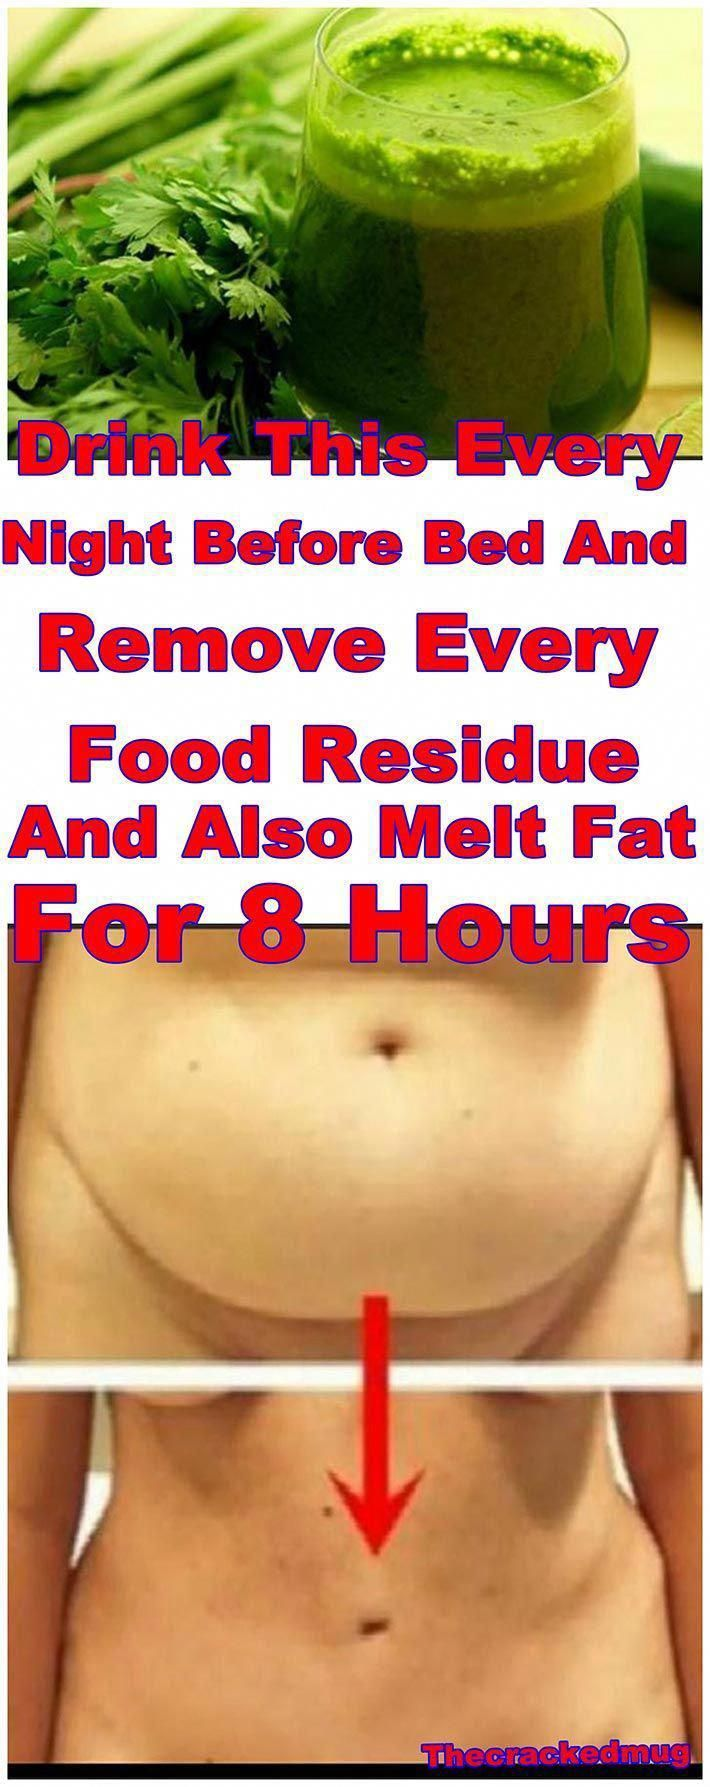 #BloggerPortalNoPostingLimit #Gesund #Gewichtsreduktion #Gesundheitsgymnastik #Mahlz   – health-meals